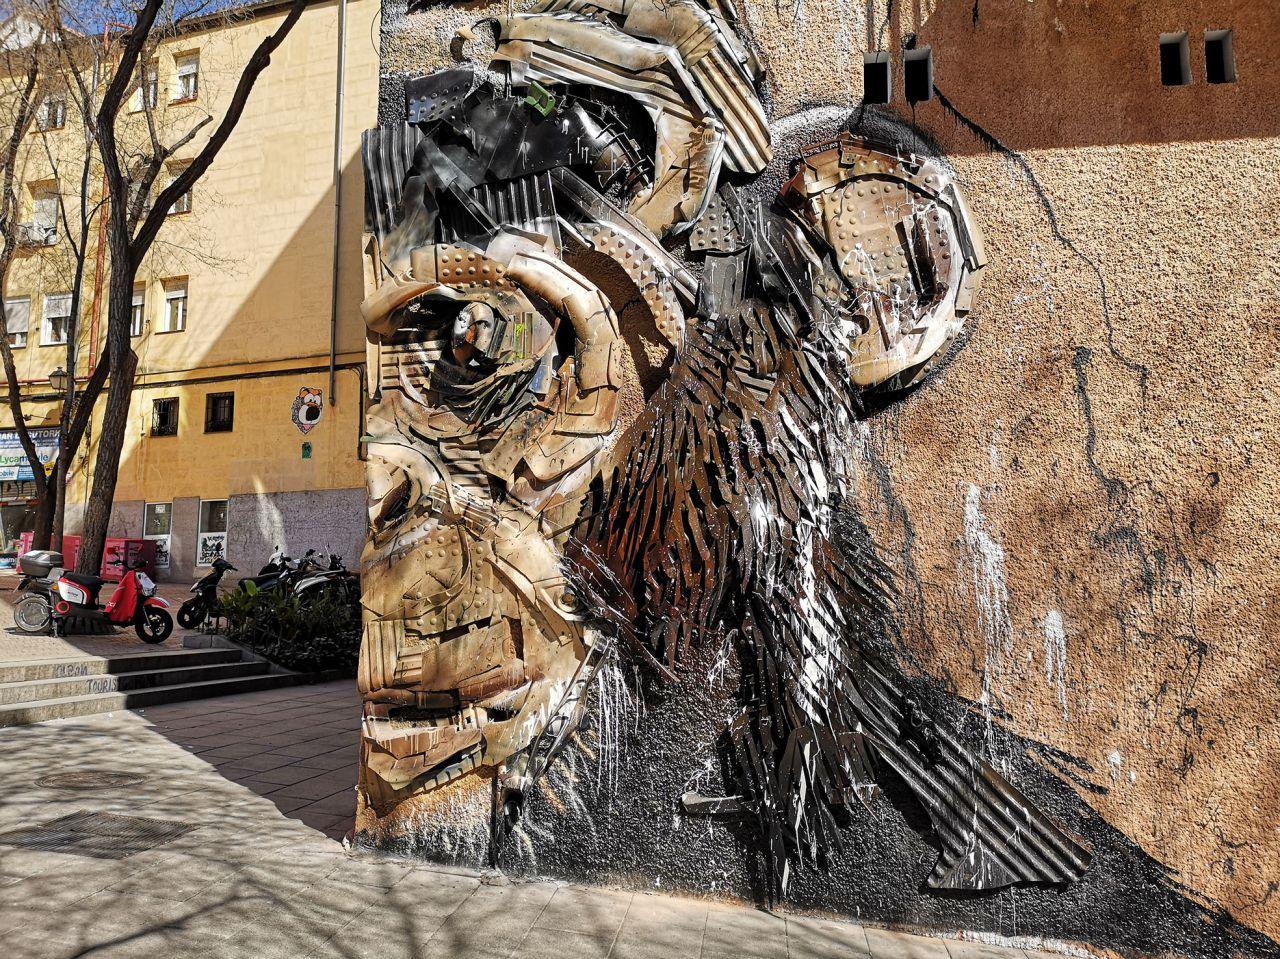 Pinturas de Okuda en la calle Embajadores.